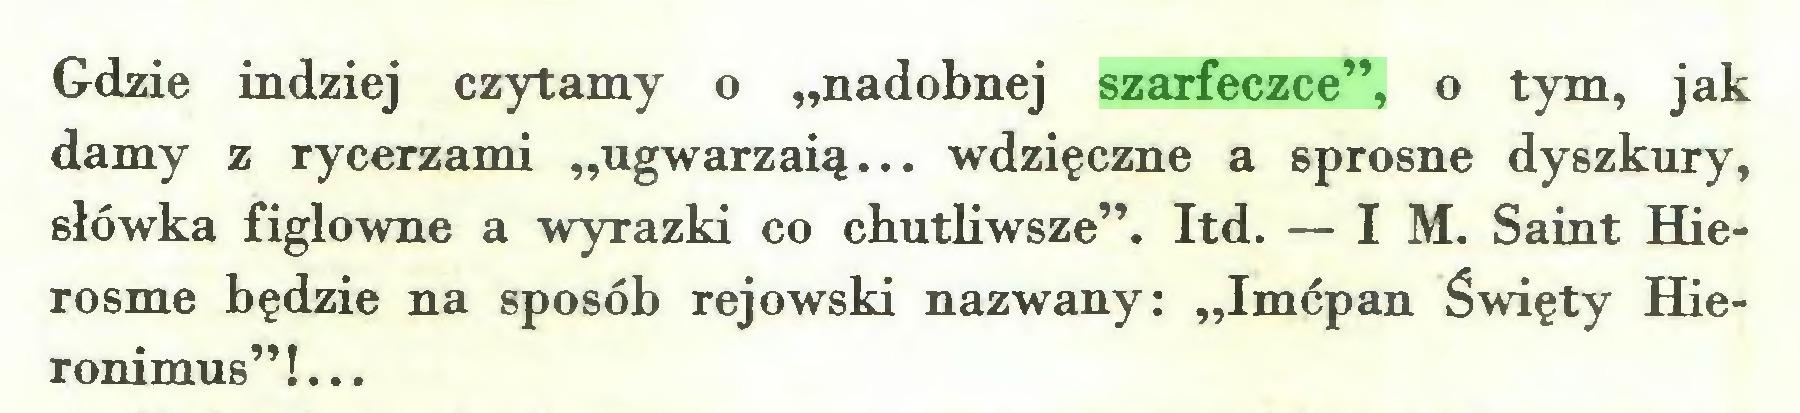 """(...) Gdzie indziej czytamy o """"nadobnej szarfeczce"""", o tym, jak damy z rycerzami """"ugwarzaią... wdzięczne a sprosne dyszkury, słówka figlowne a wyrazki co chutliwsze"""". Itd. — IM. Saint Hierosme będzie na sposób rejowski nazwany: """"Imćpan Święty Hieronimus""""!..."""